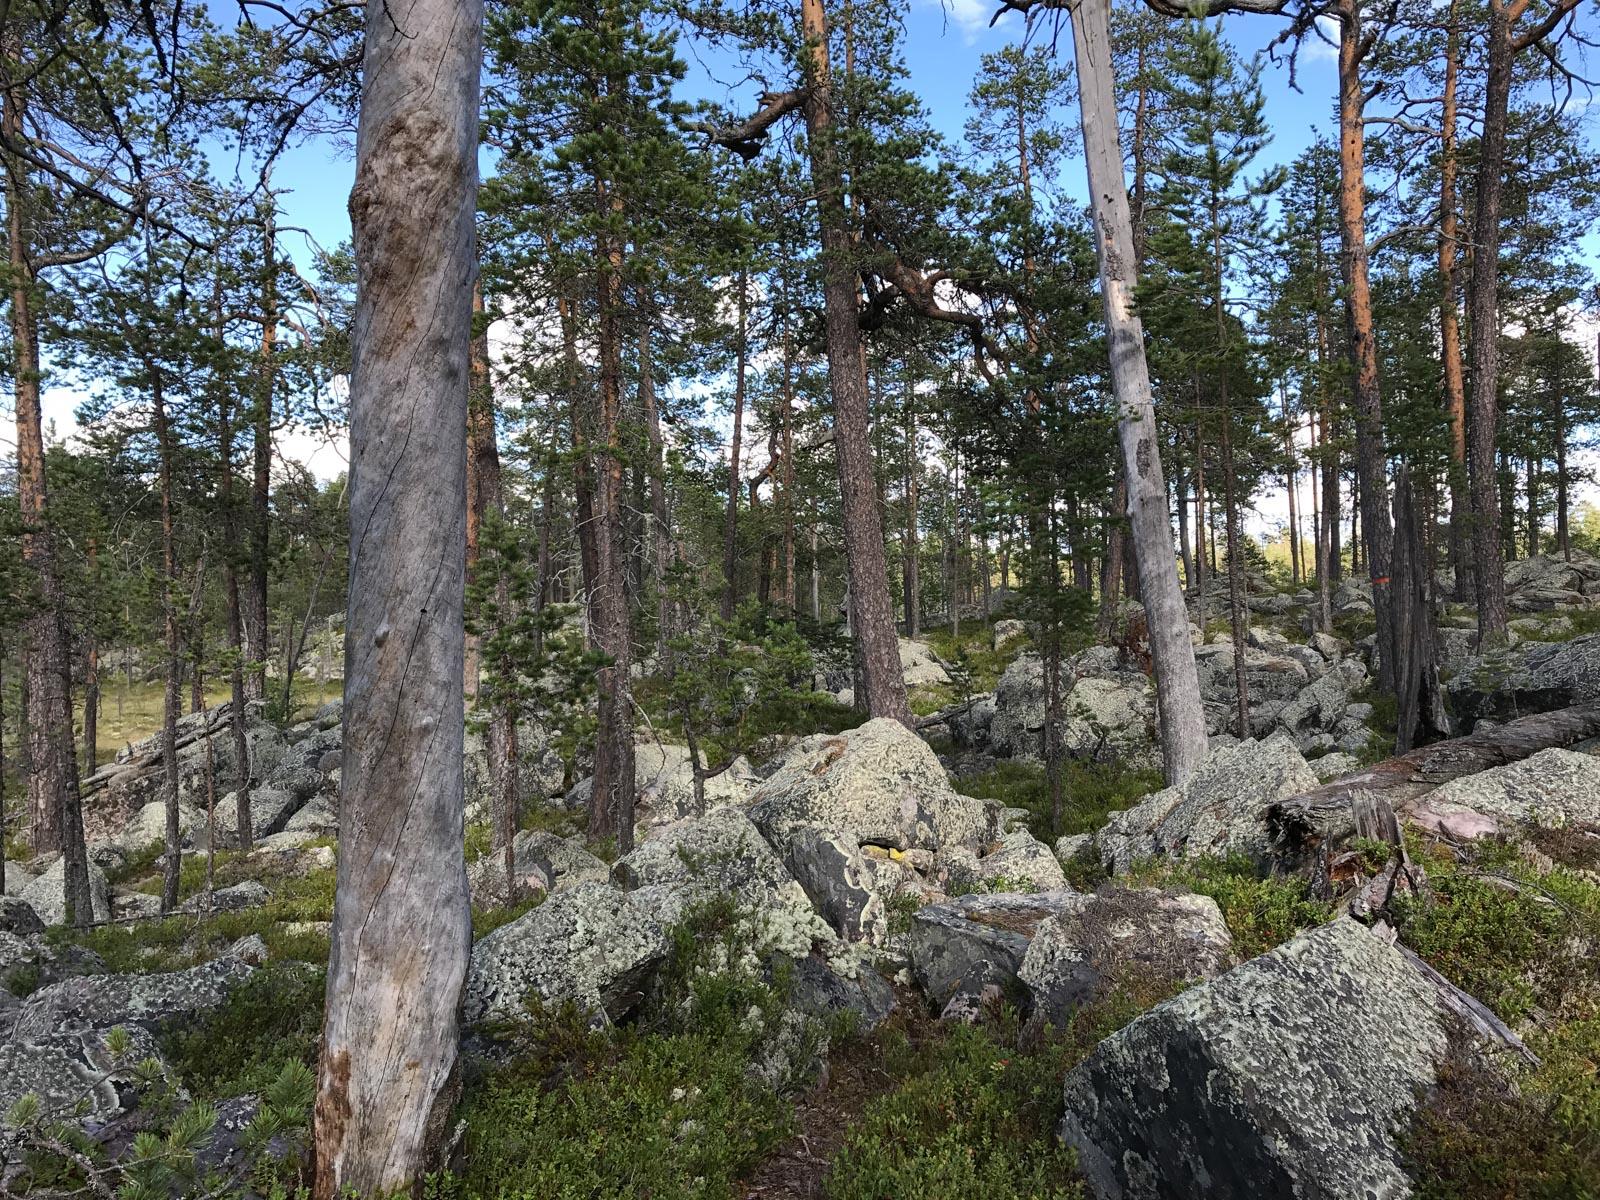 Moor, Steine, Bäume. Typisch Schweden.